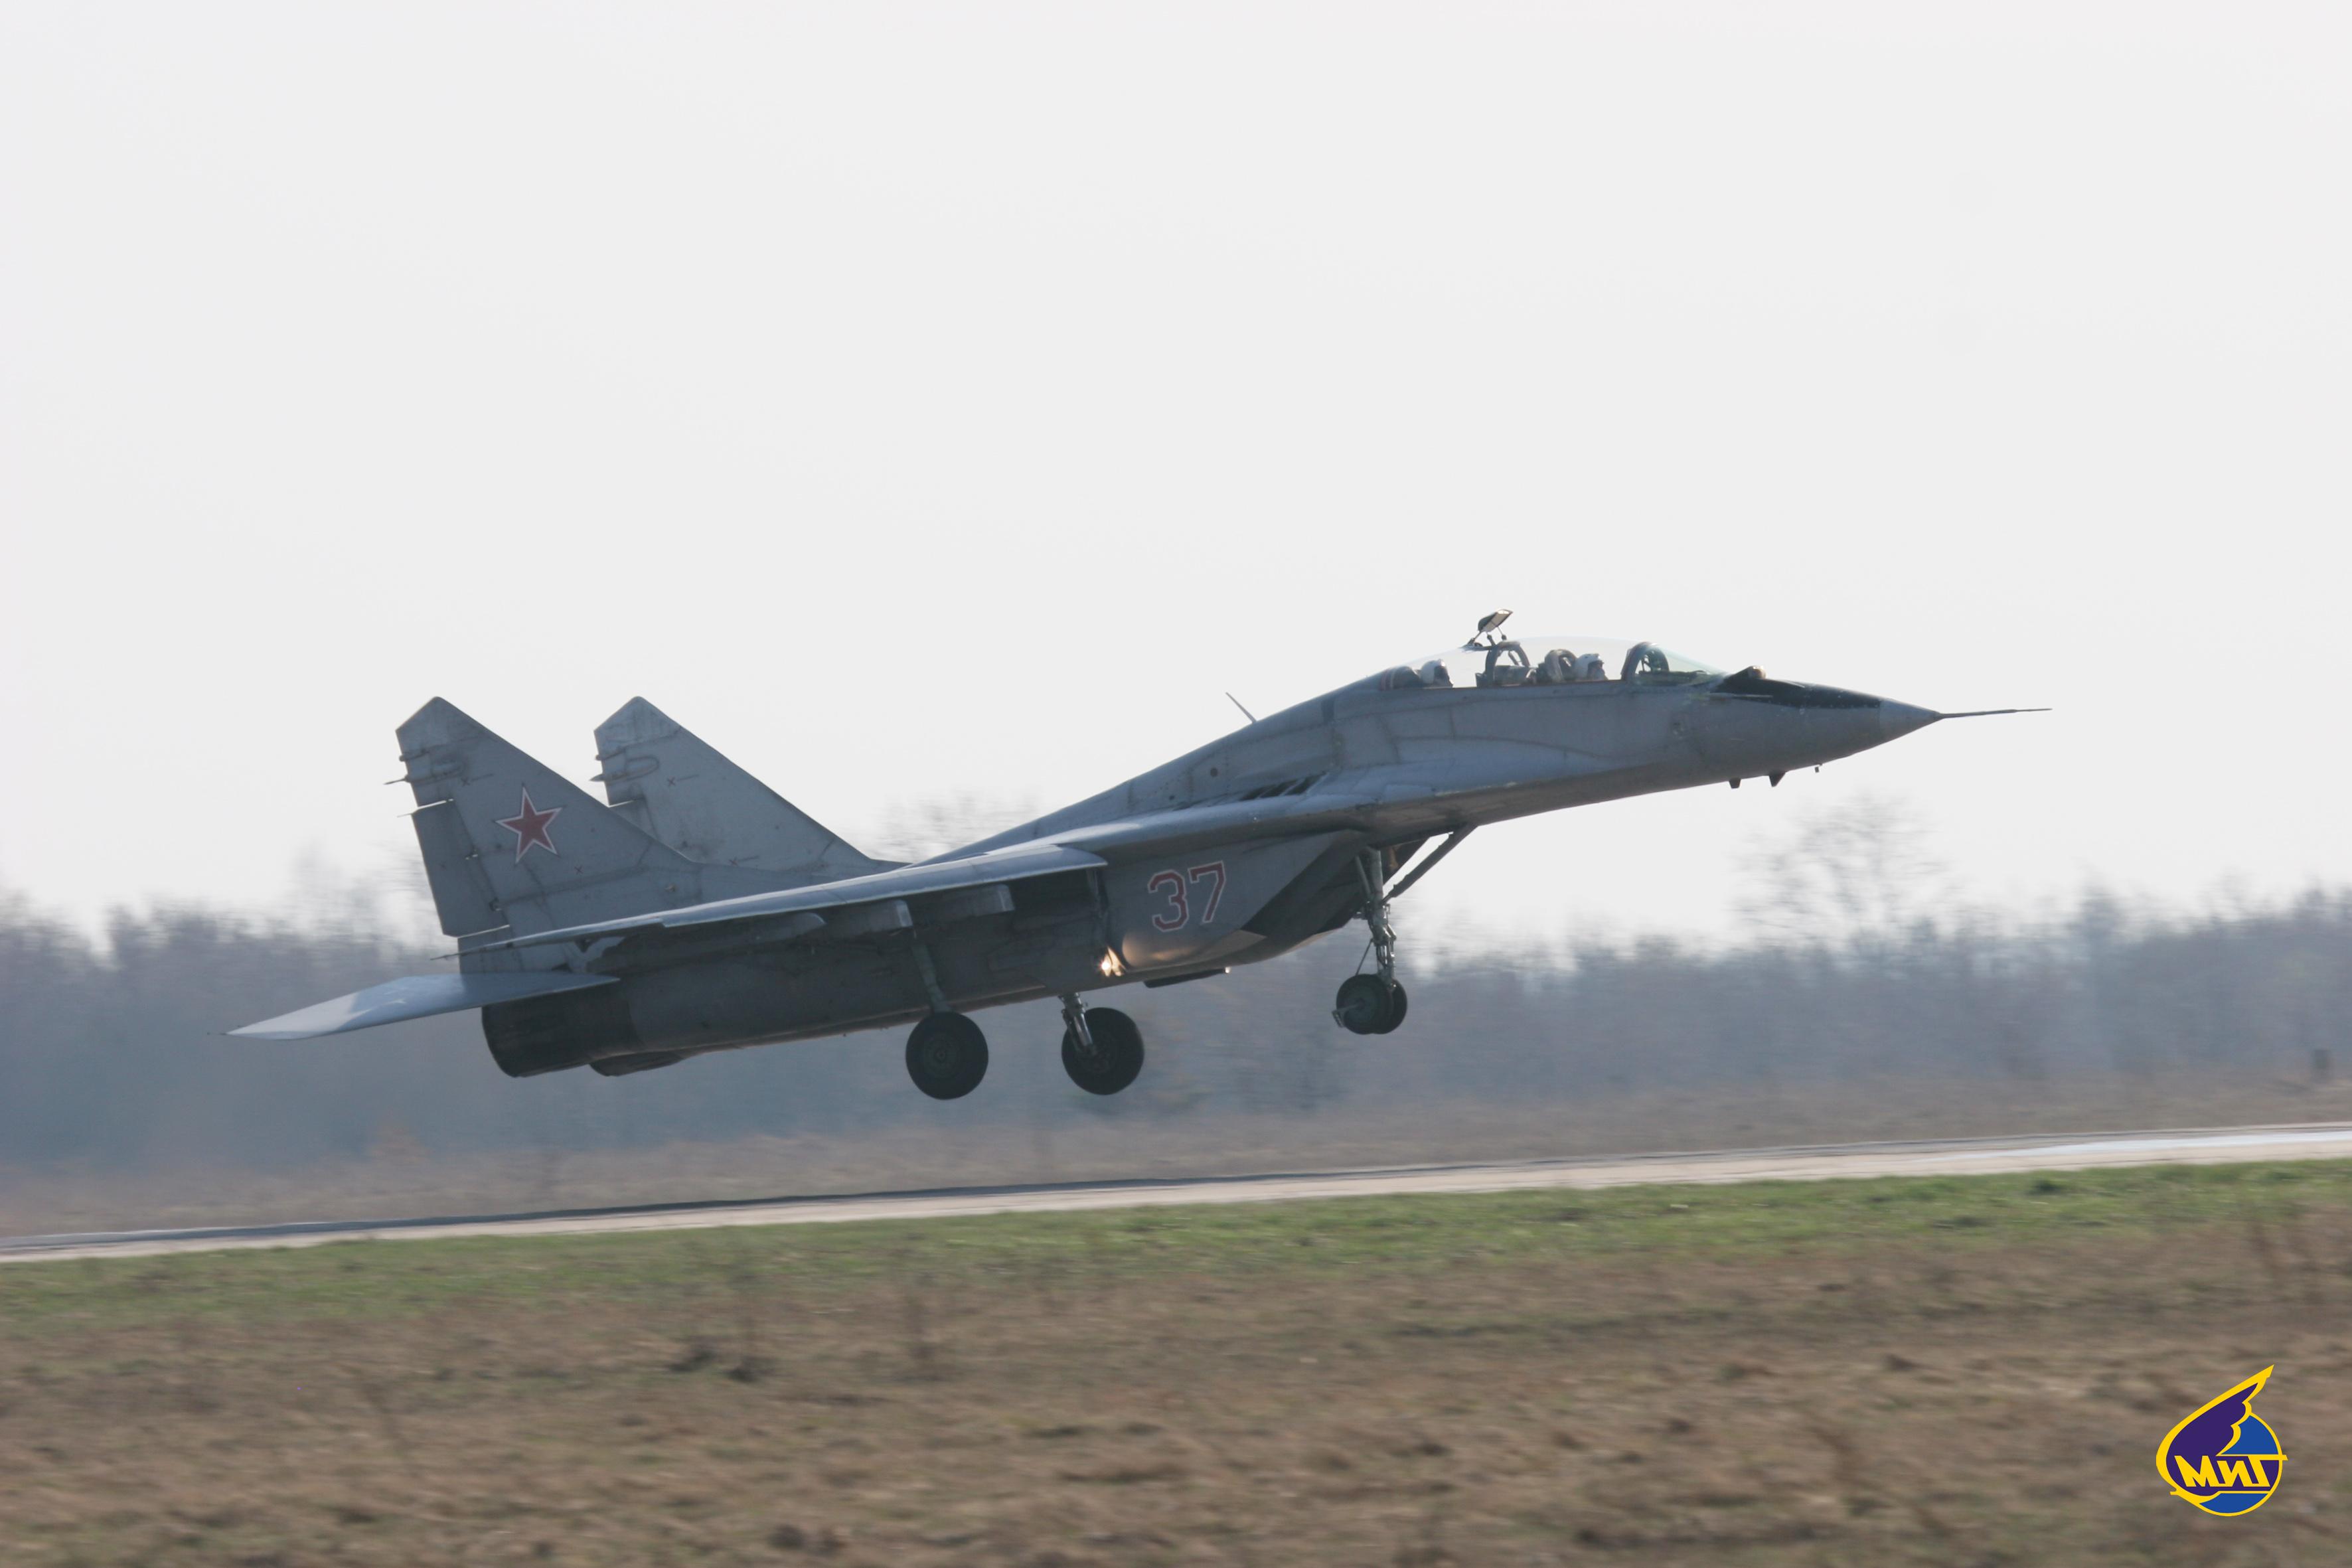 REEMPLAZO PARA EL SISTEMA F-16 FIGHTING FALCON DE LA AVIACION MILITAR BOLIVARIANA - Página 24 Mig-29smt_13_sk